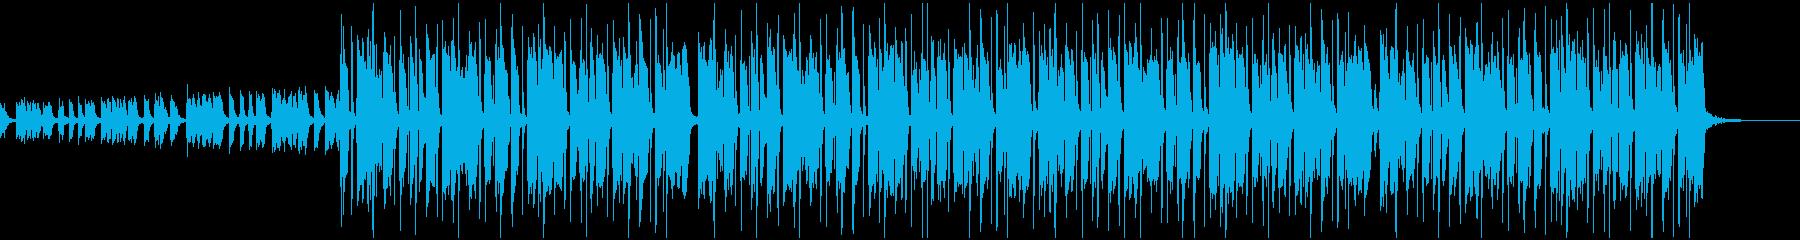 躍動感のあるフューチャーベースの再生済みの波形